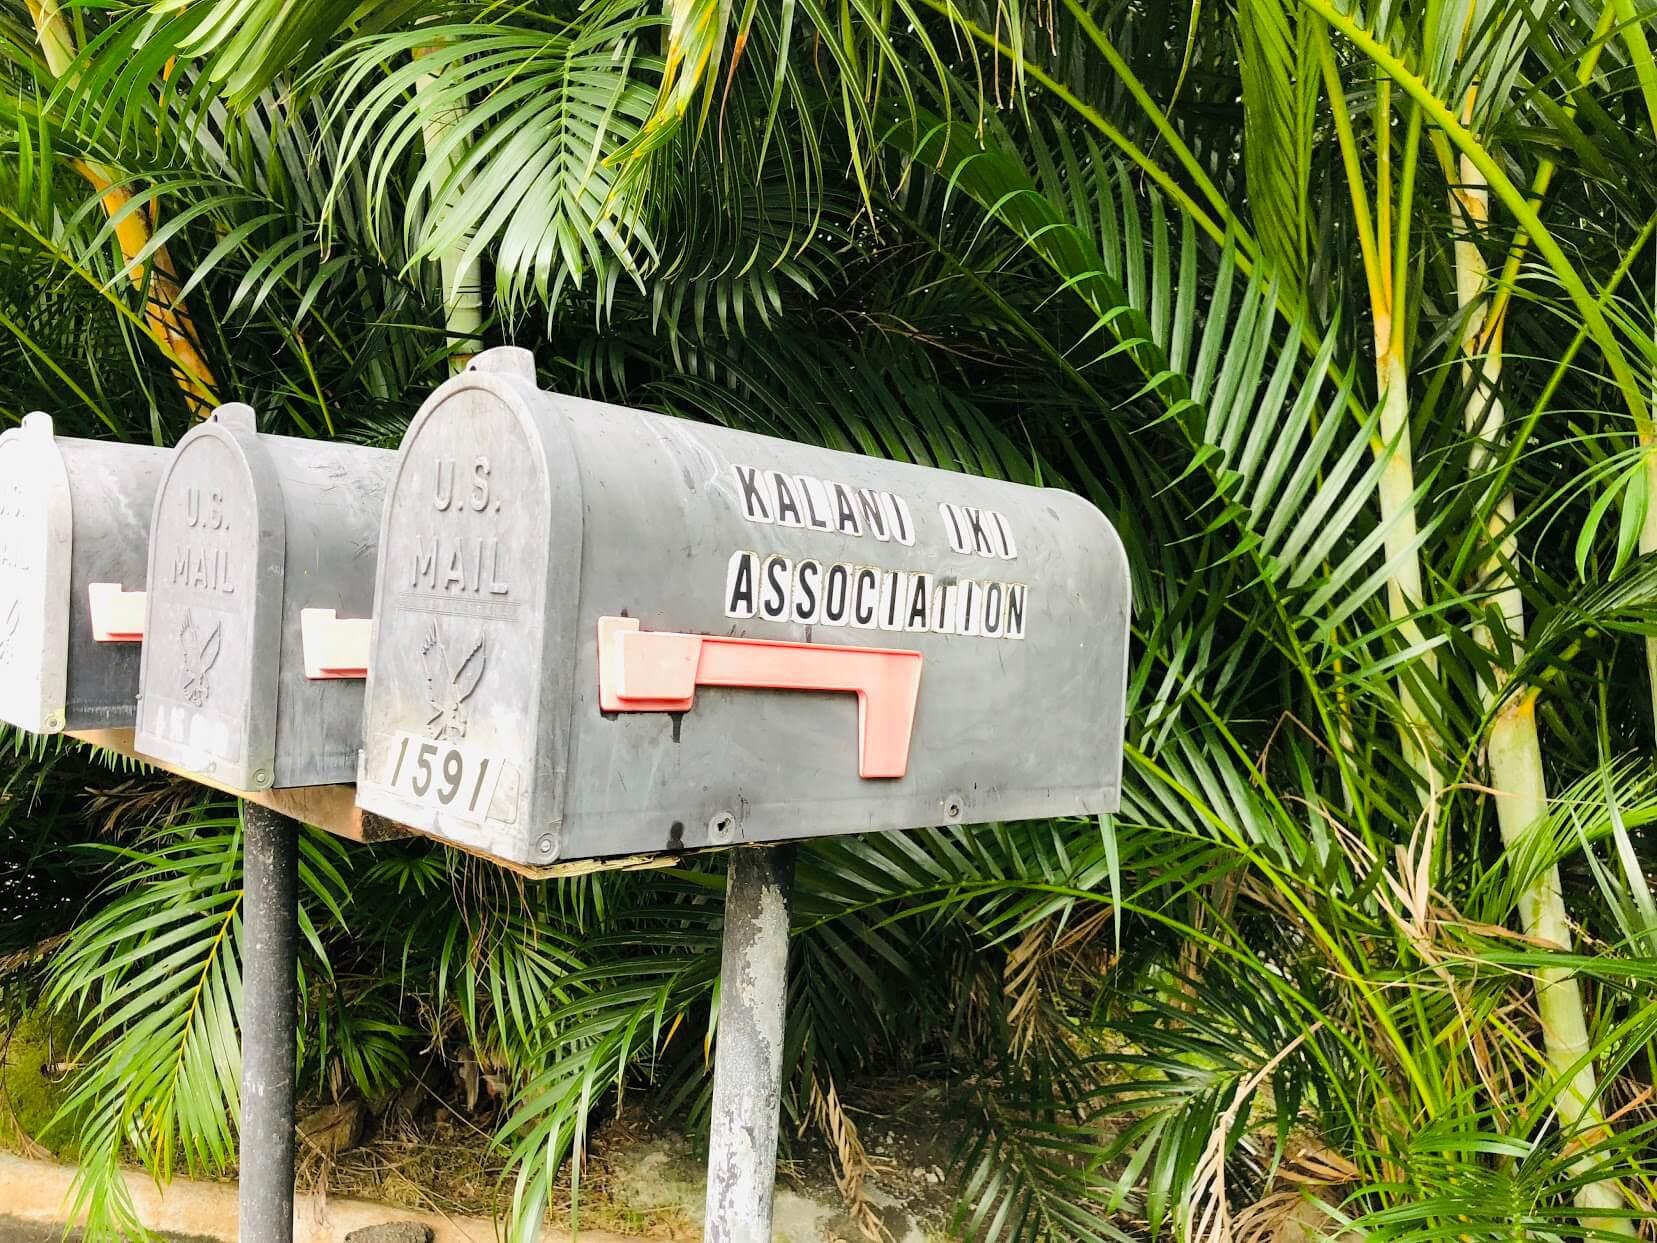 Kalani Iki Estatesのポスト